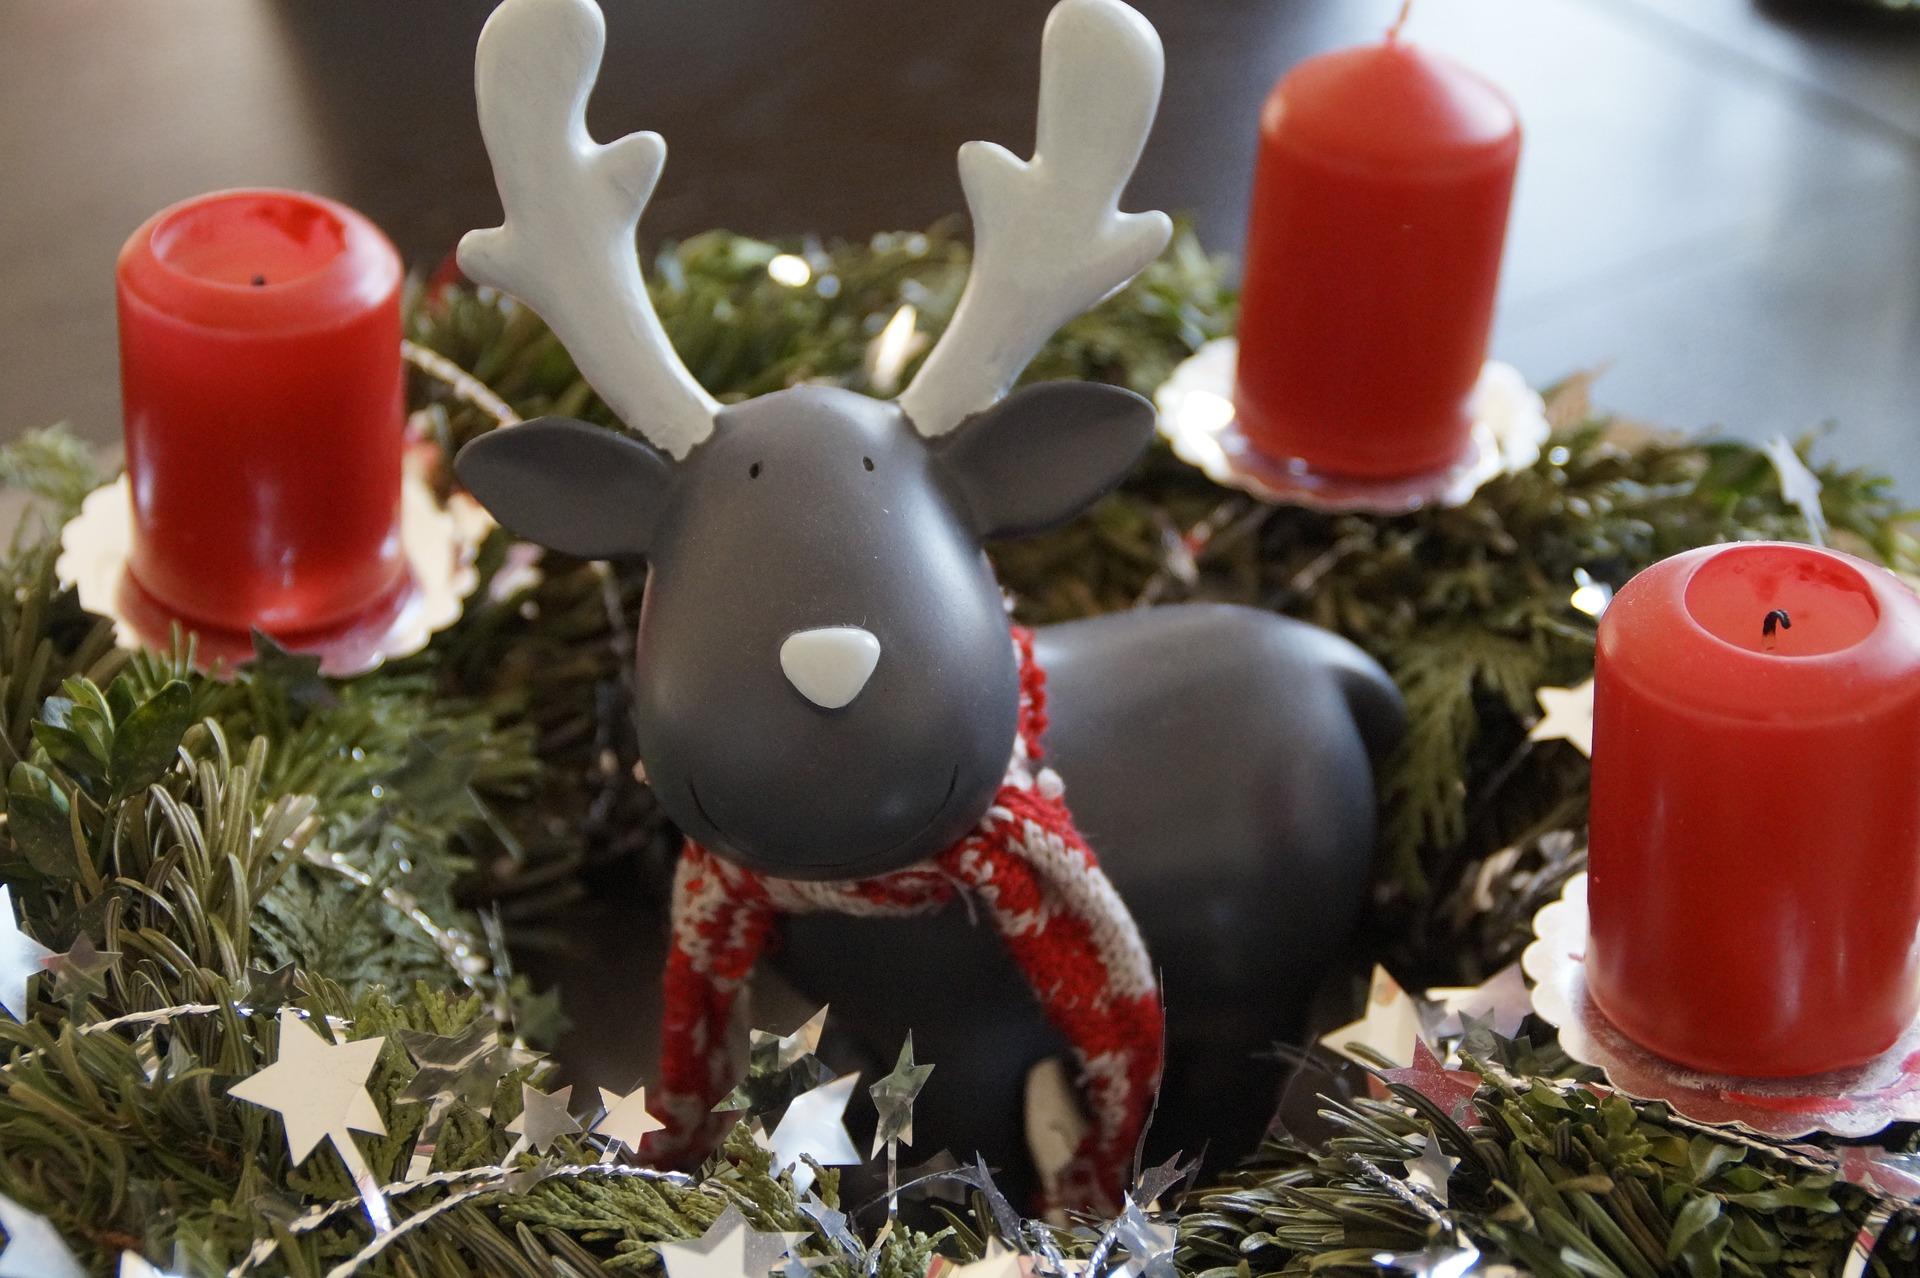 Adventskranz mit roten Kerzen und einer Elchfigur in der Mitte.